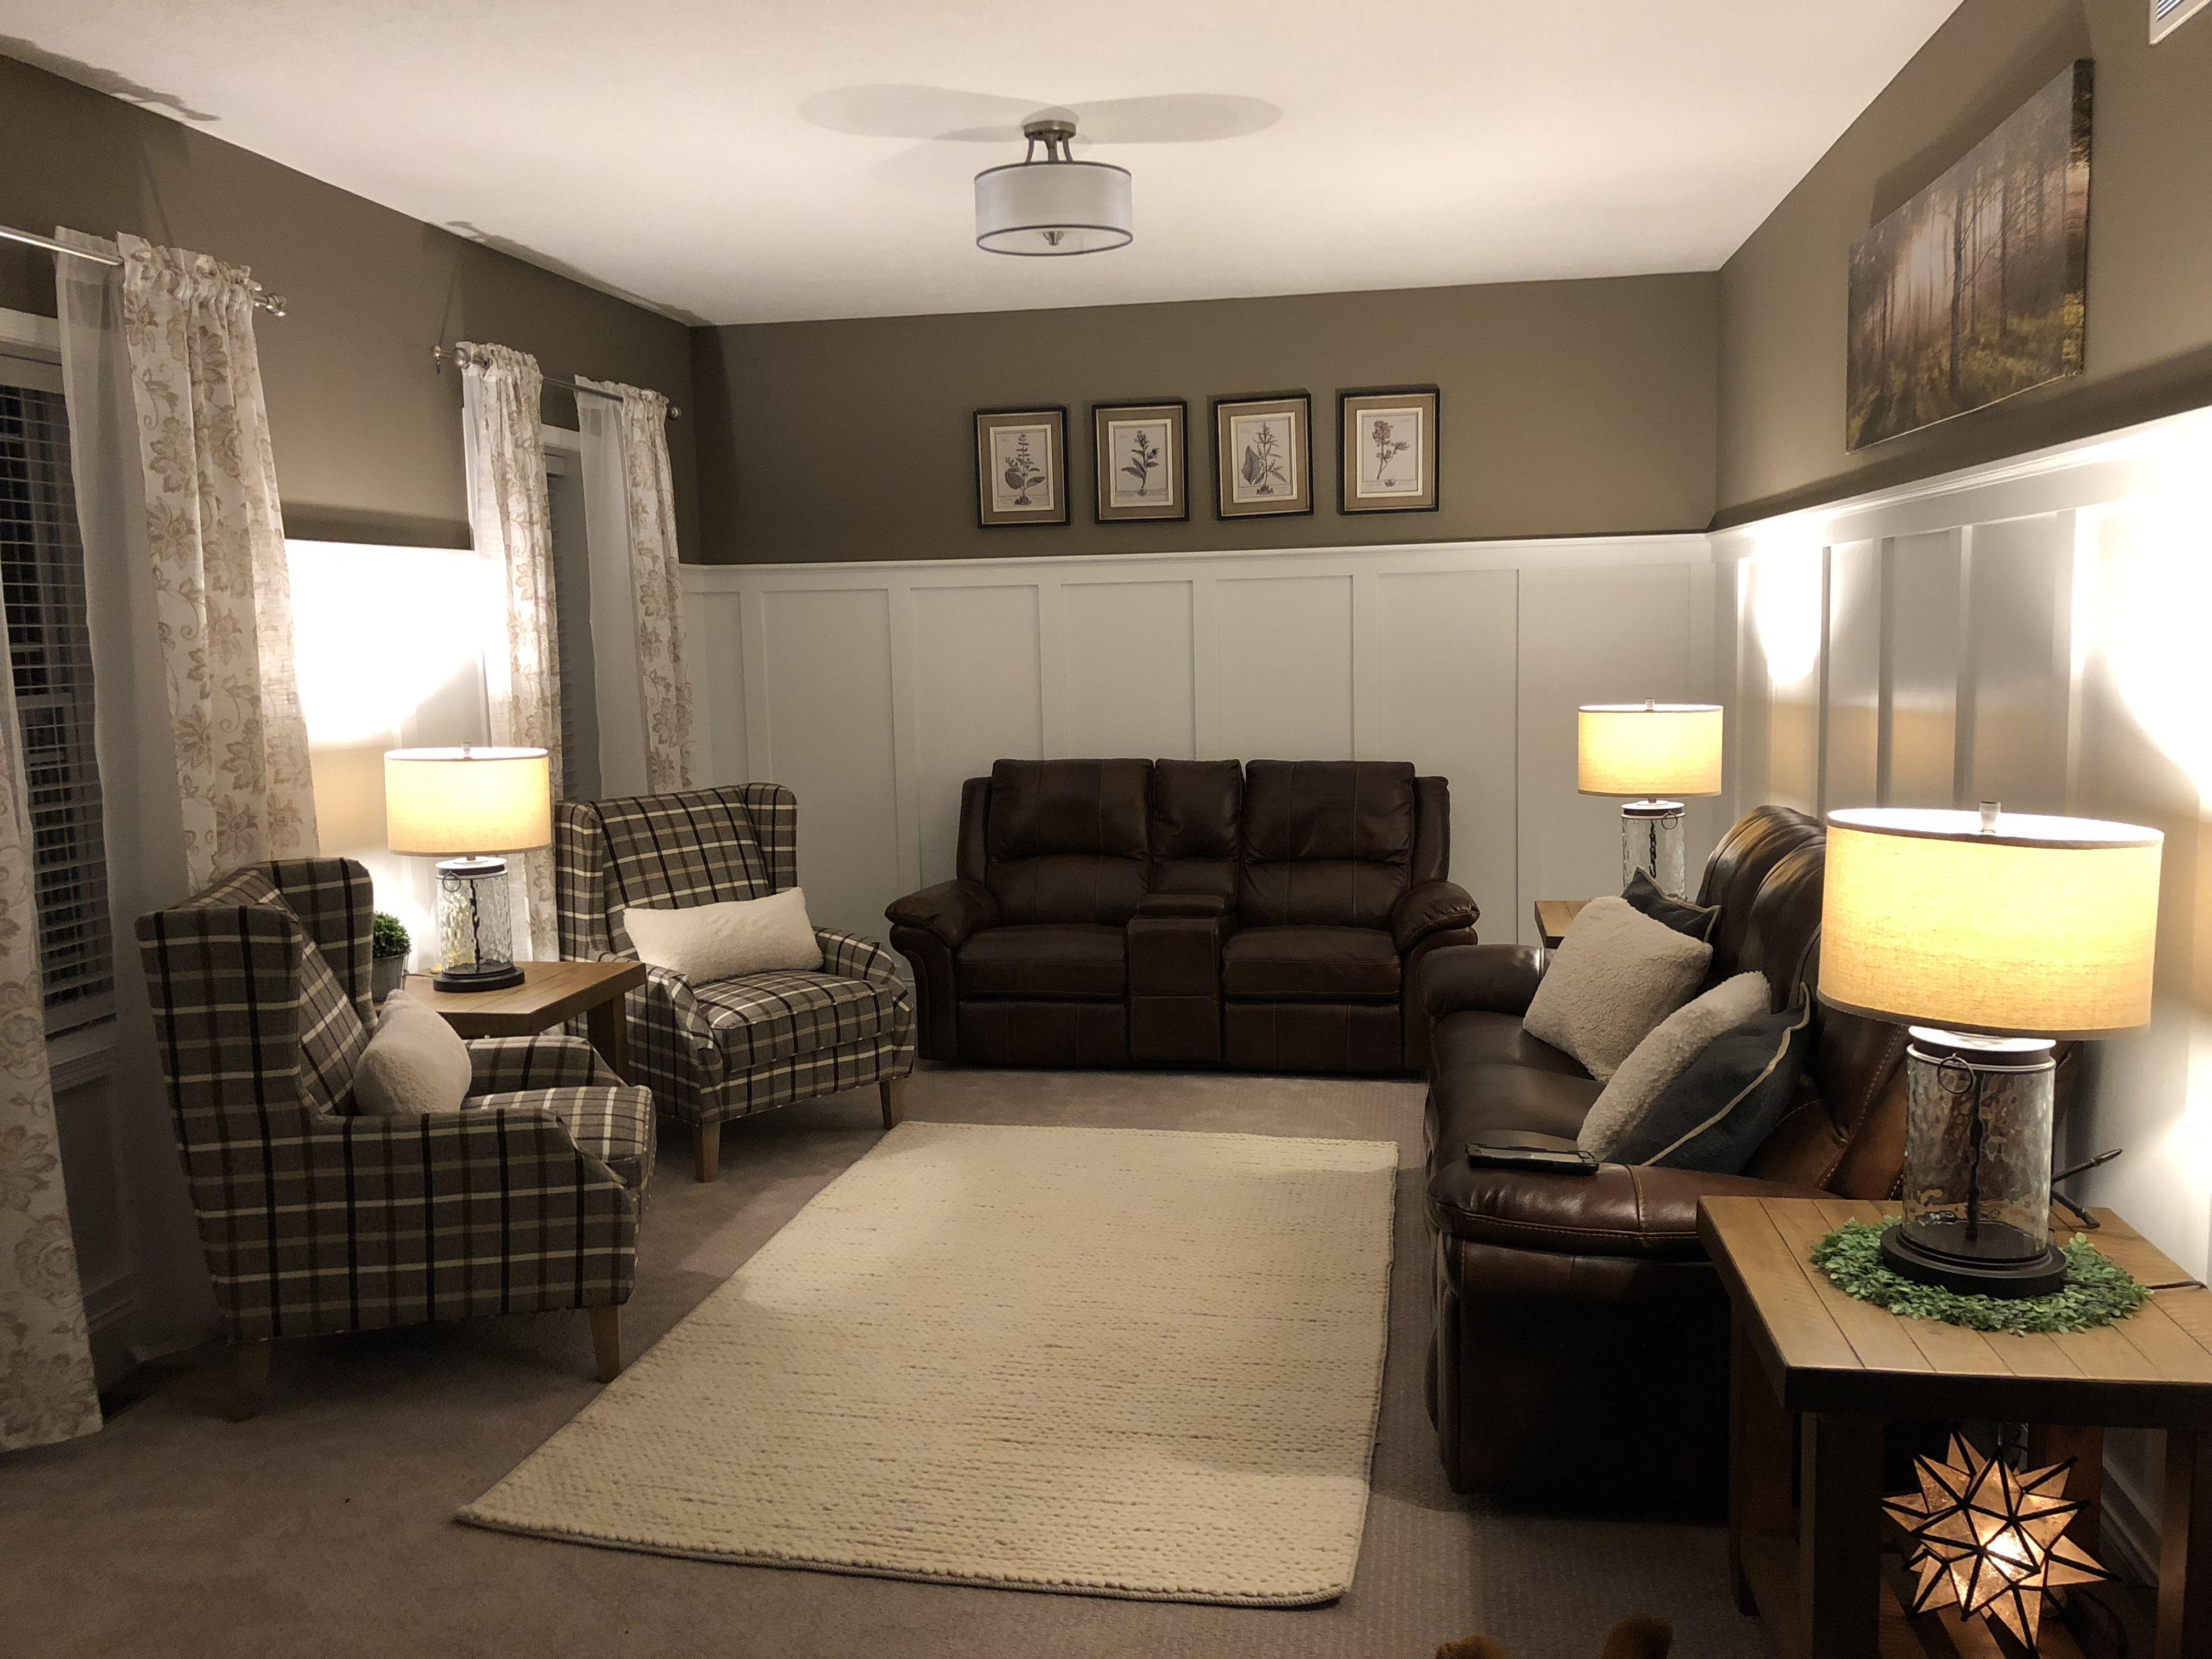 10++ Formal living room ideas farmhouse ideas